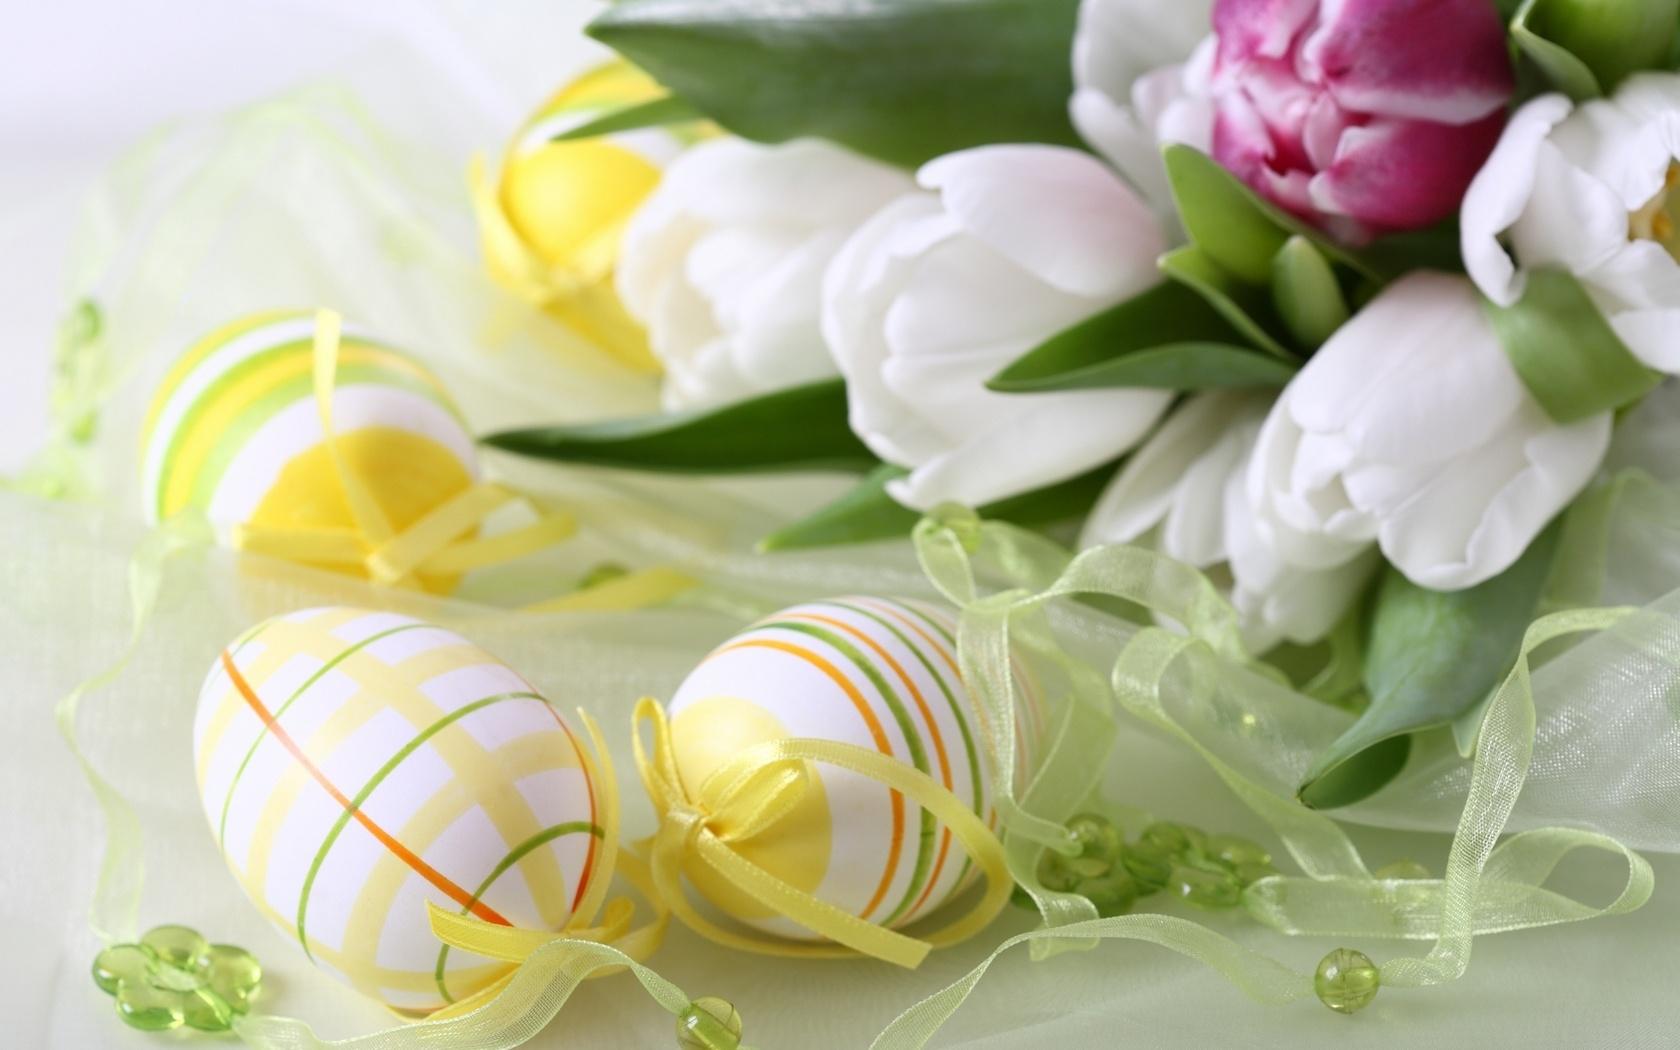 Eier ostern blumen urlaub tulpen blumen foto 1680x1050 flowers